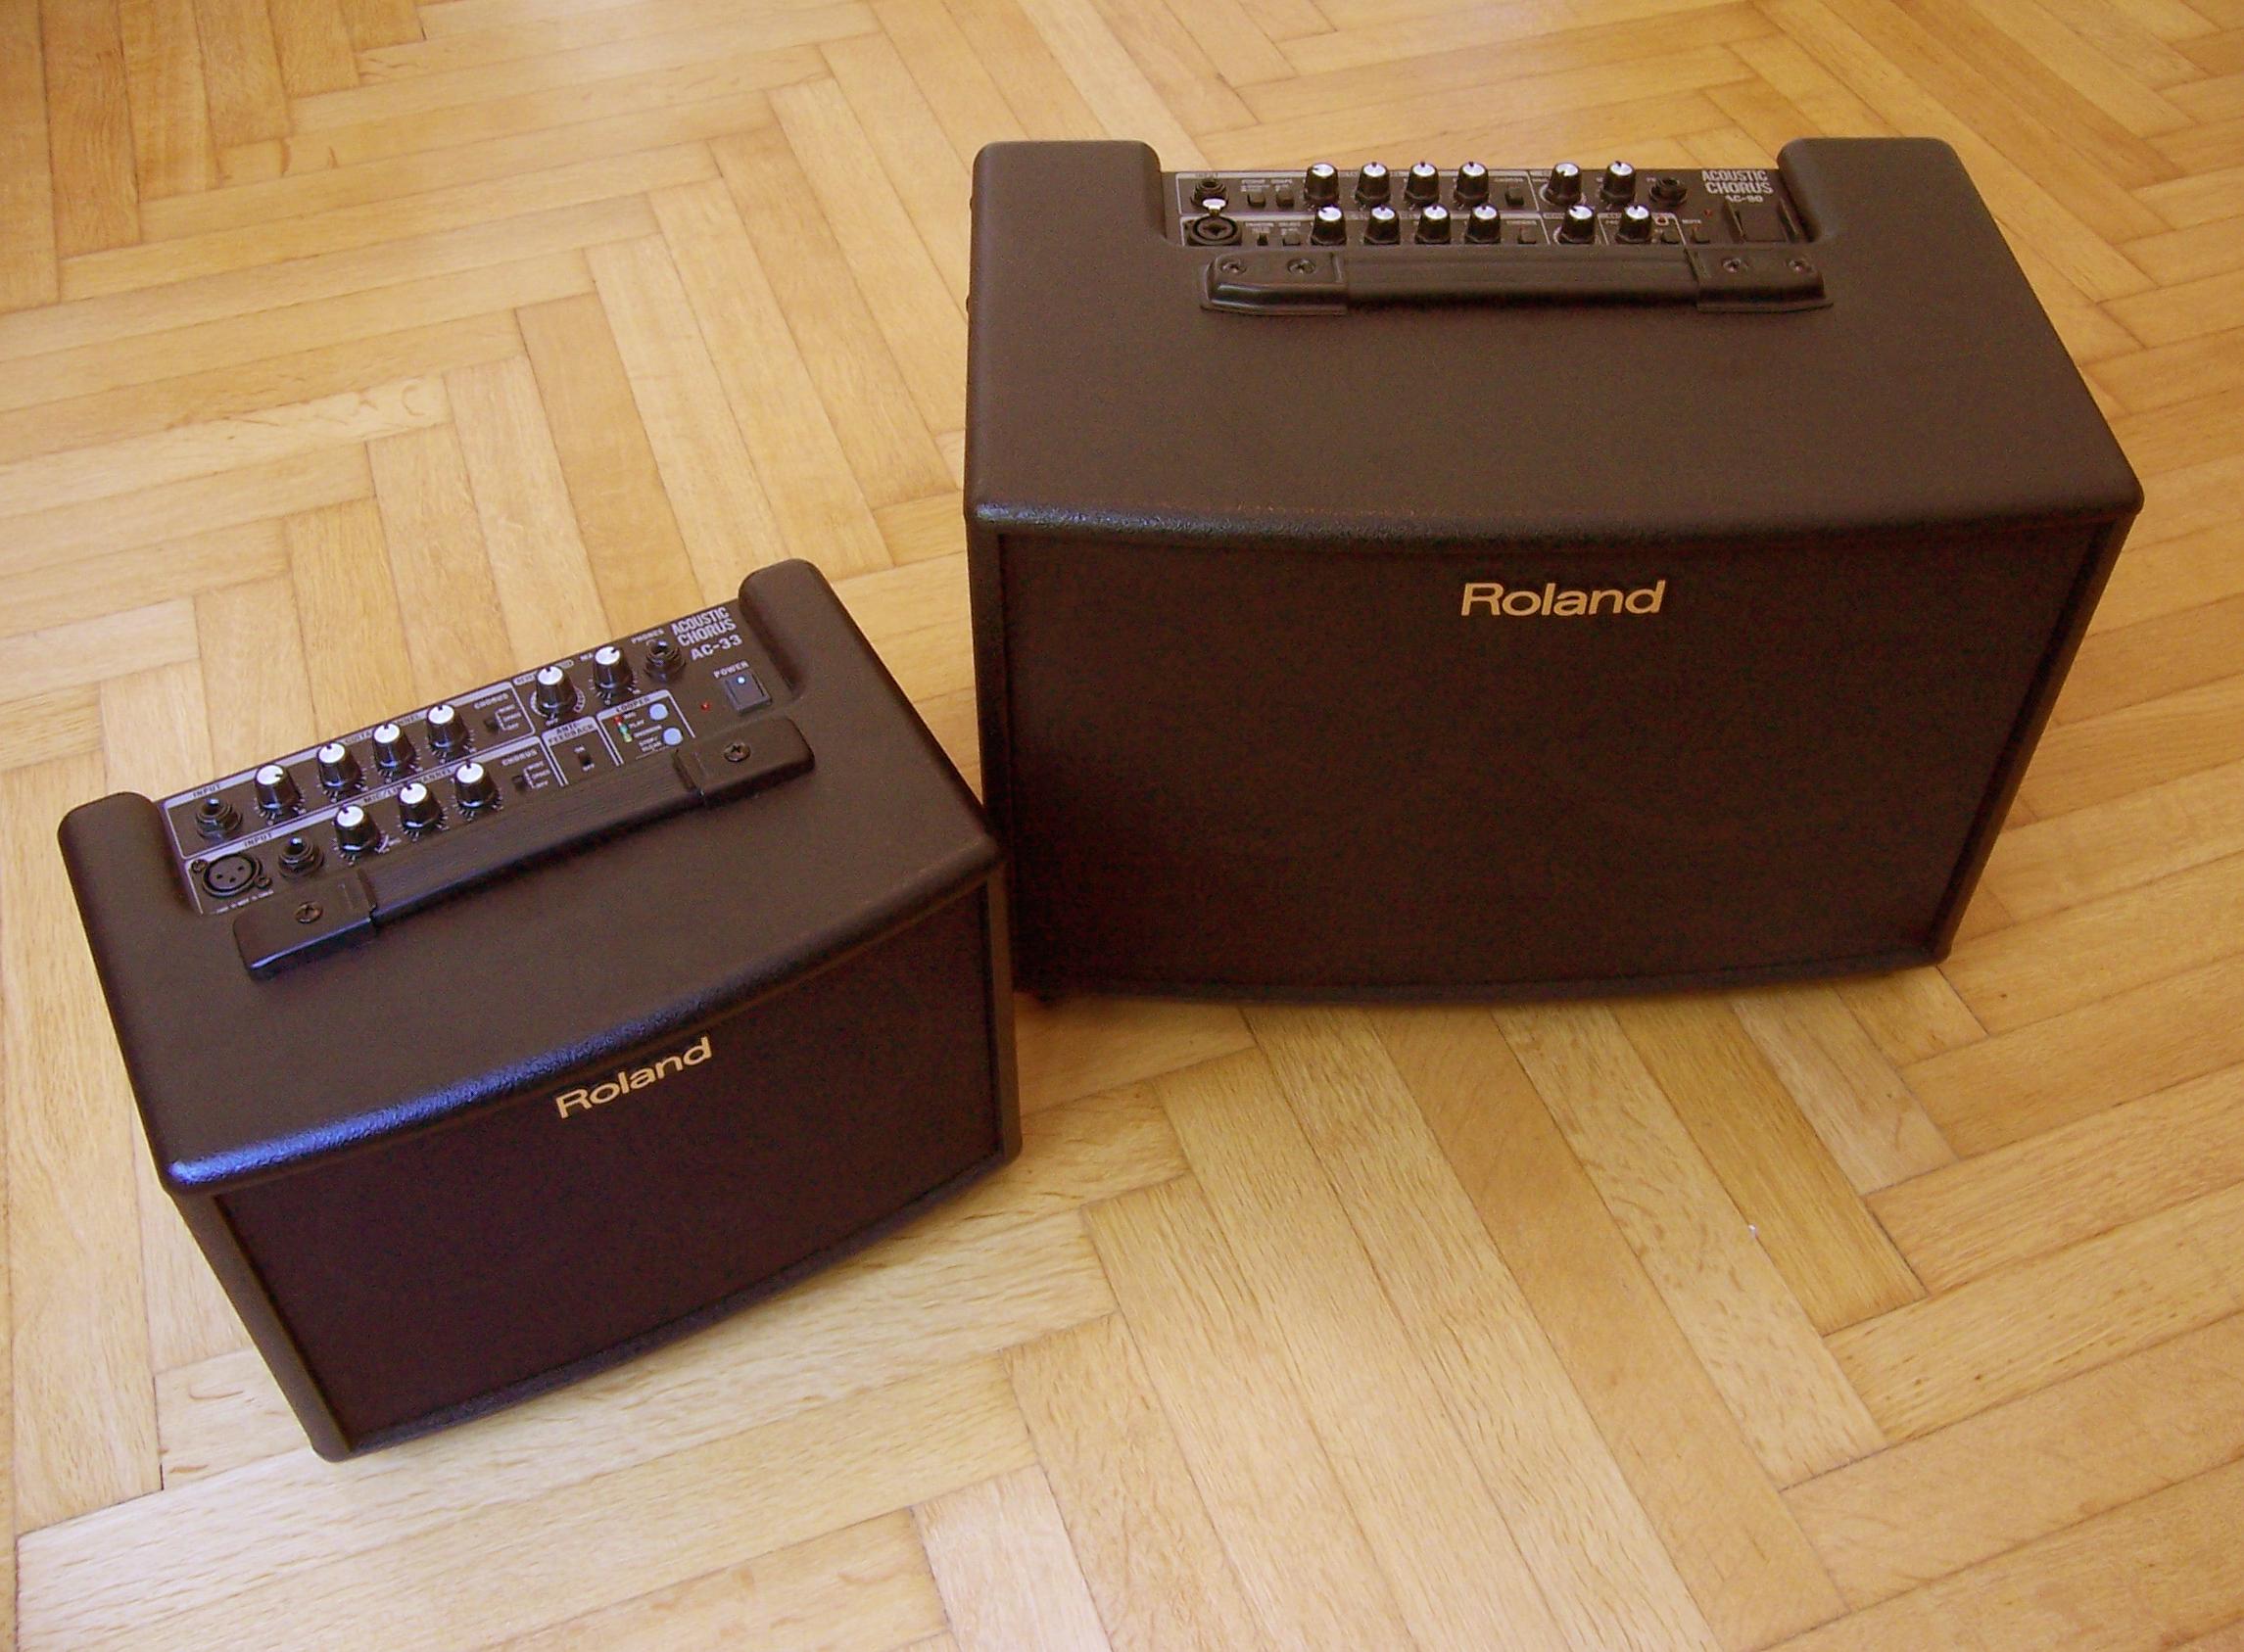 ROLAND Verstärker AC-33 (portabel) und AC-90